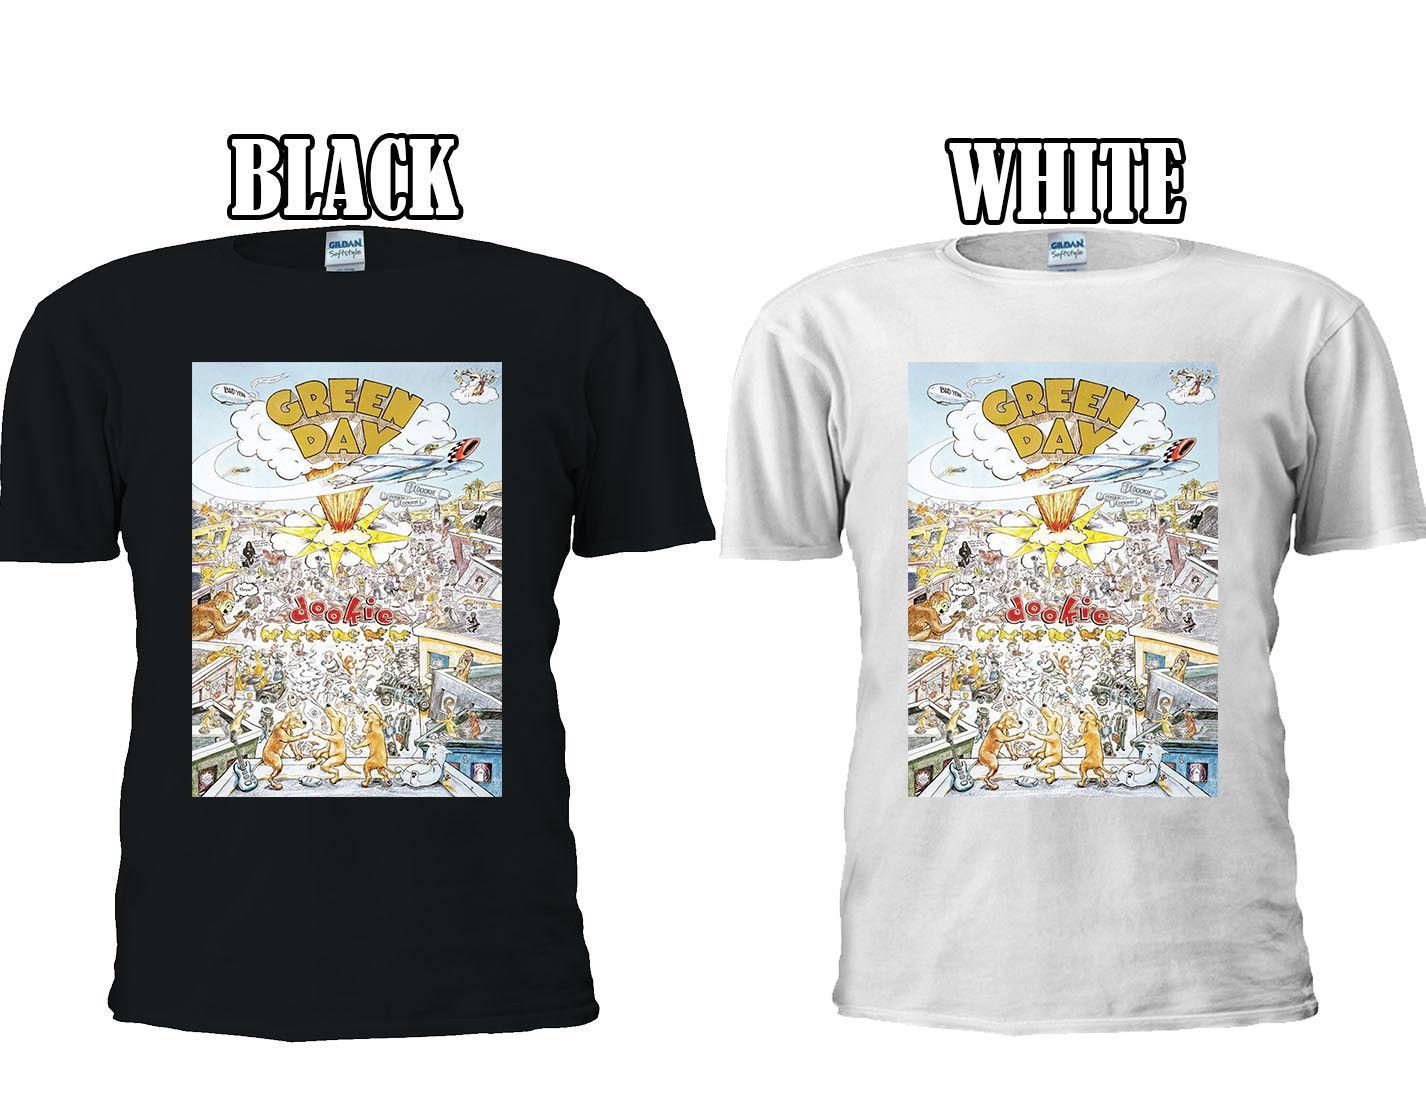 6815b61ddcb Compre GREEN DAY DOOKIE PUNK ROCK BAND NUEVA Camiseta Chaleco De Béisbol  Hombres Mujeres Unisex 2667 A $11.01 Del Teestotal | DHgate.Com